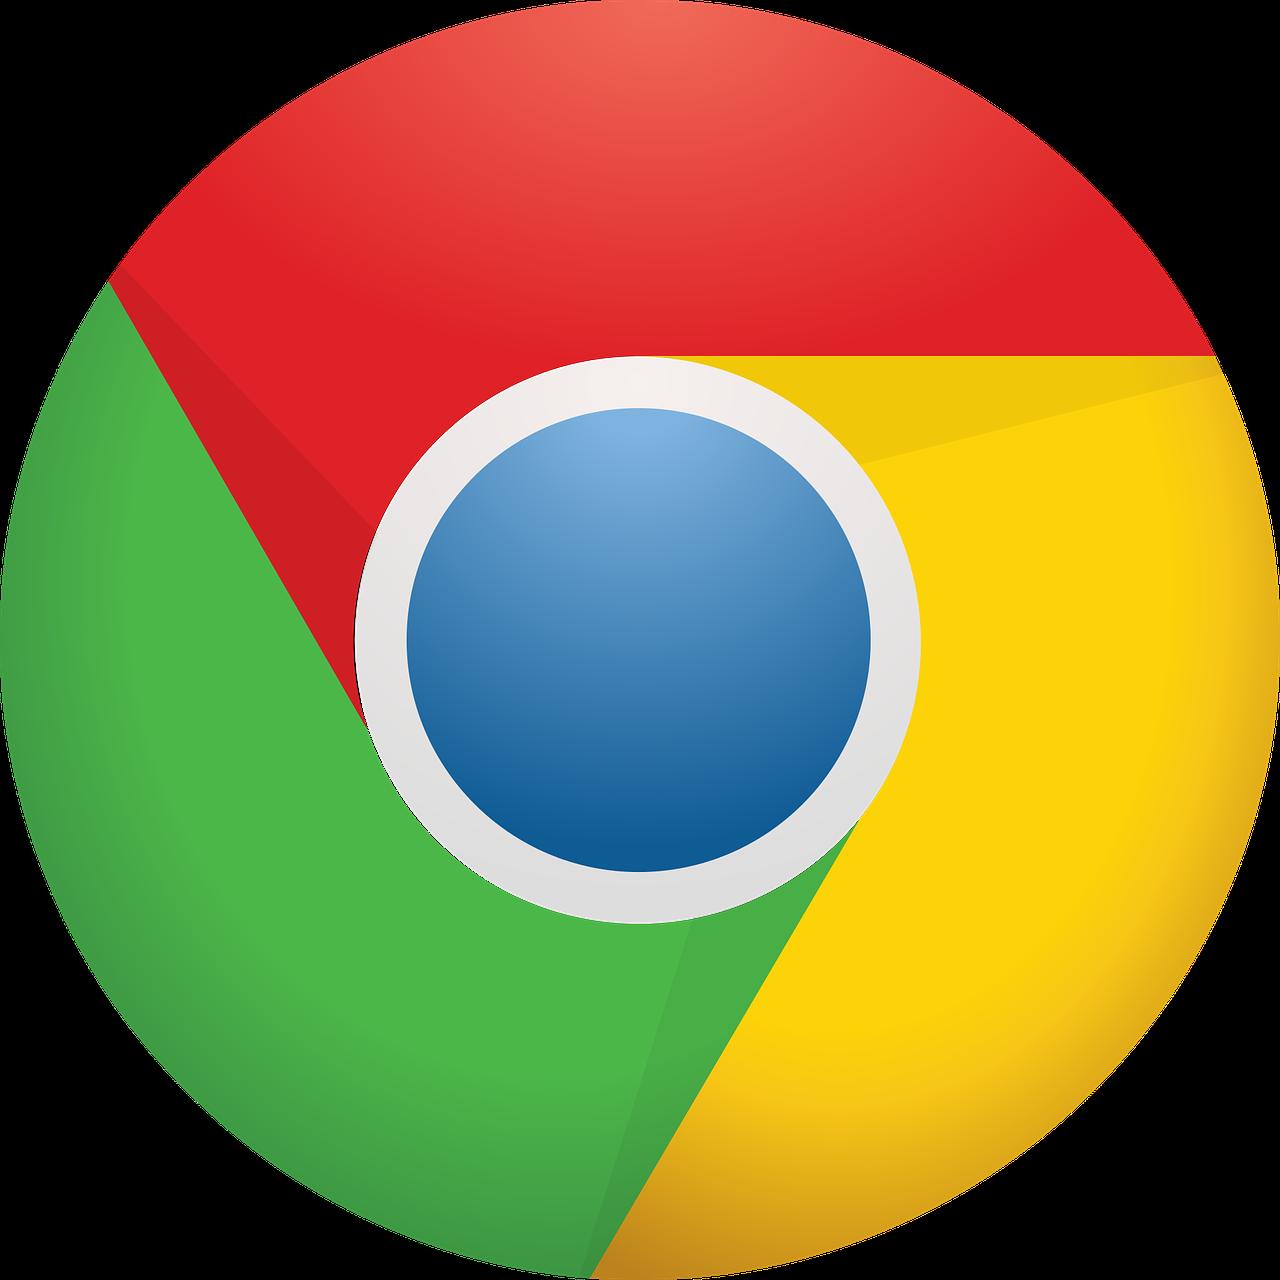 Chrome потребляет в 13 раз больше памяти на компьютерах Apple с новой macOS, чем Safari